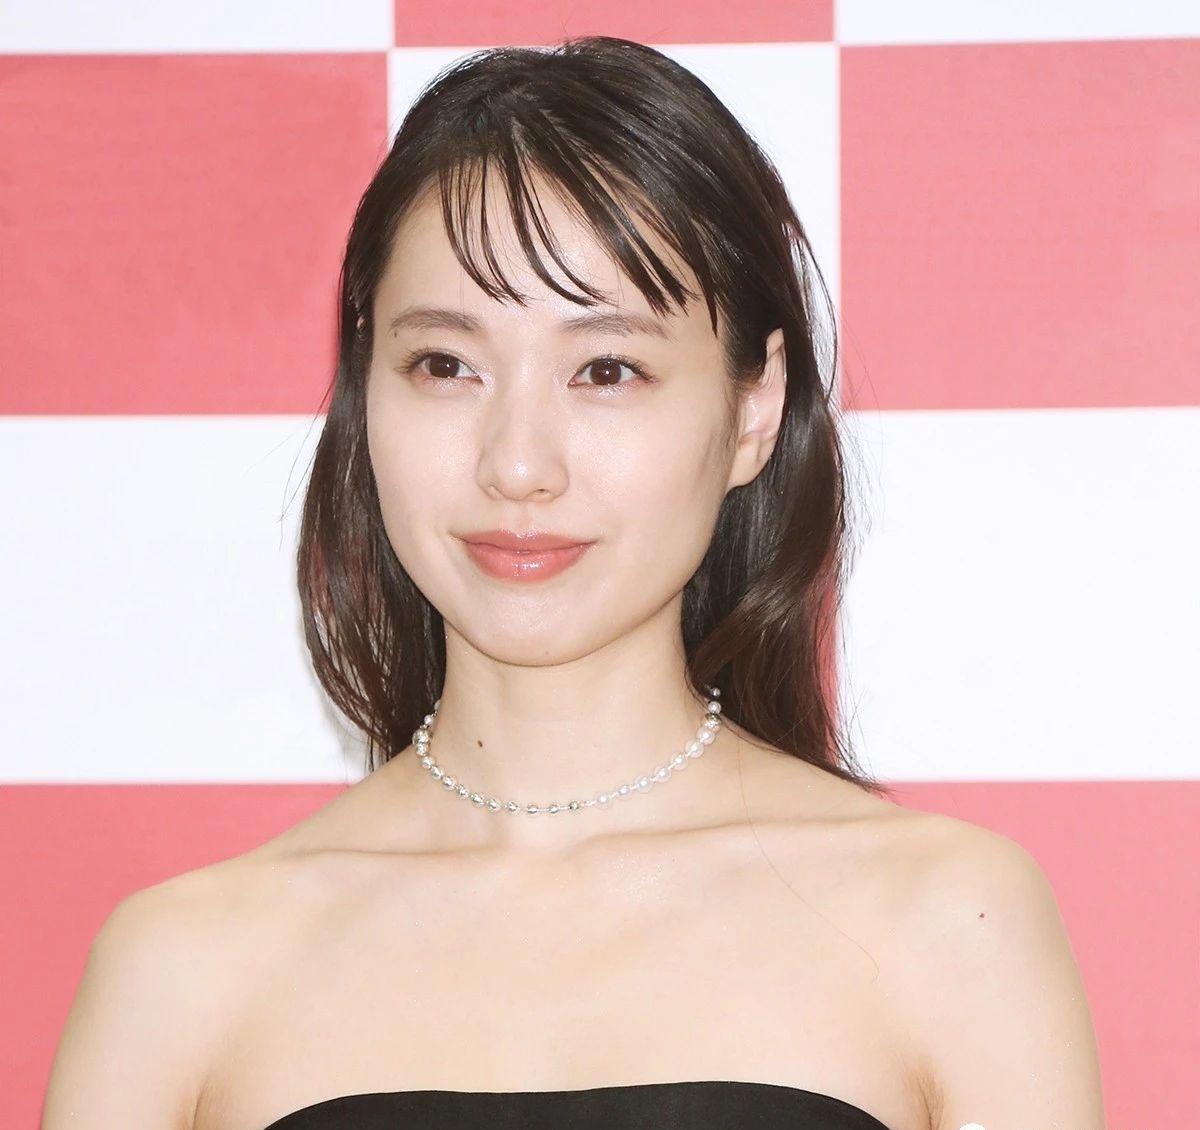 户田惠梨香和丈夫松坂桃李婚后生活甜蜜幸福让众人羡慕不已 (1)